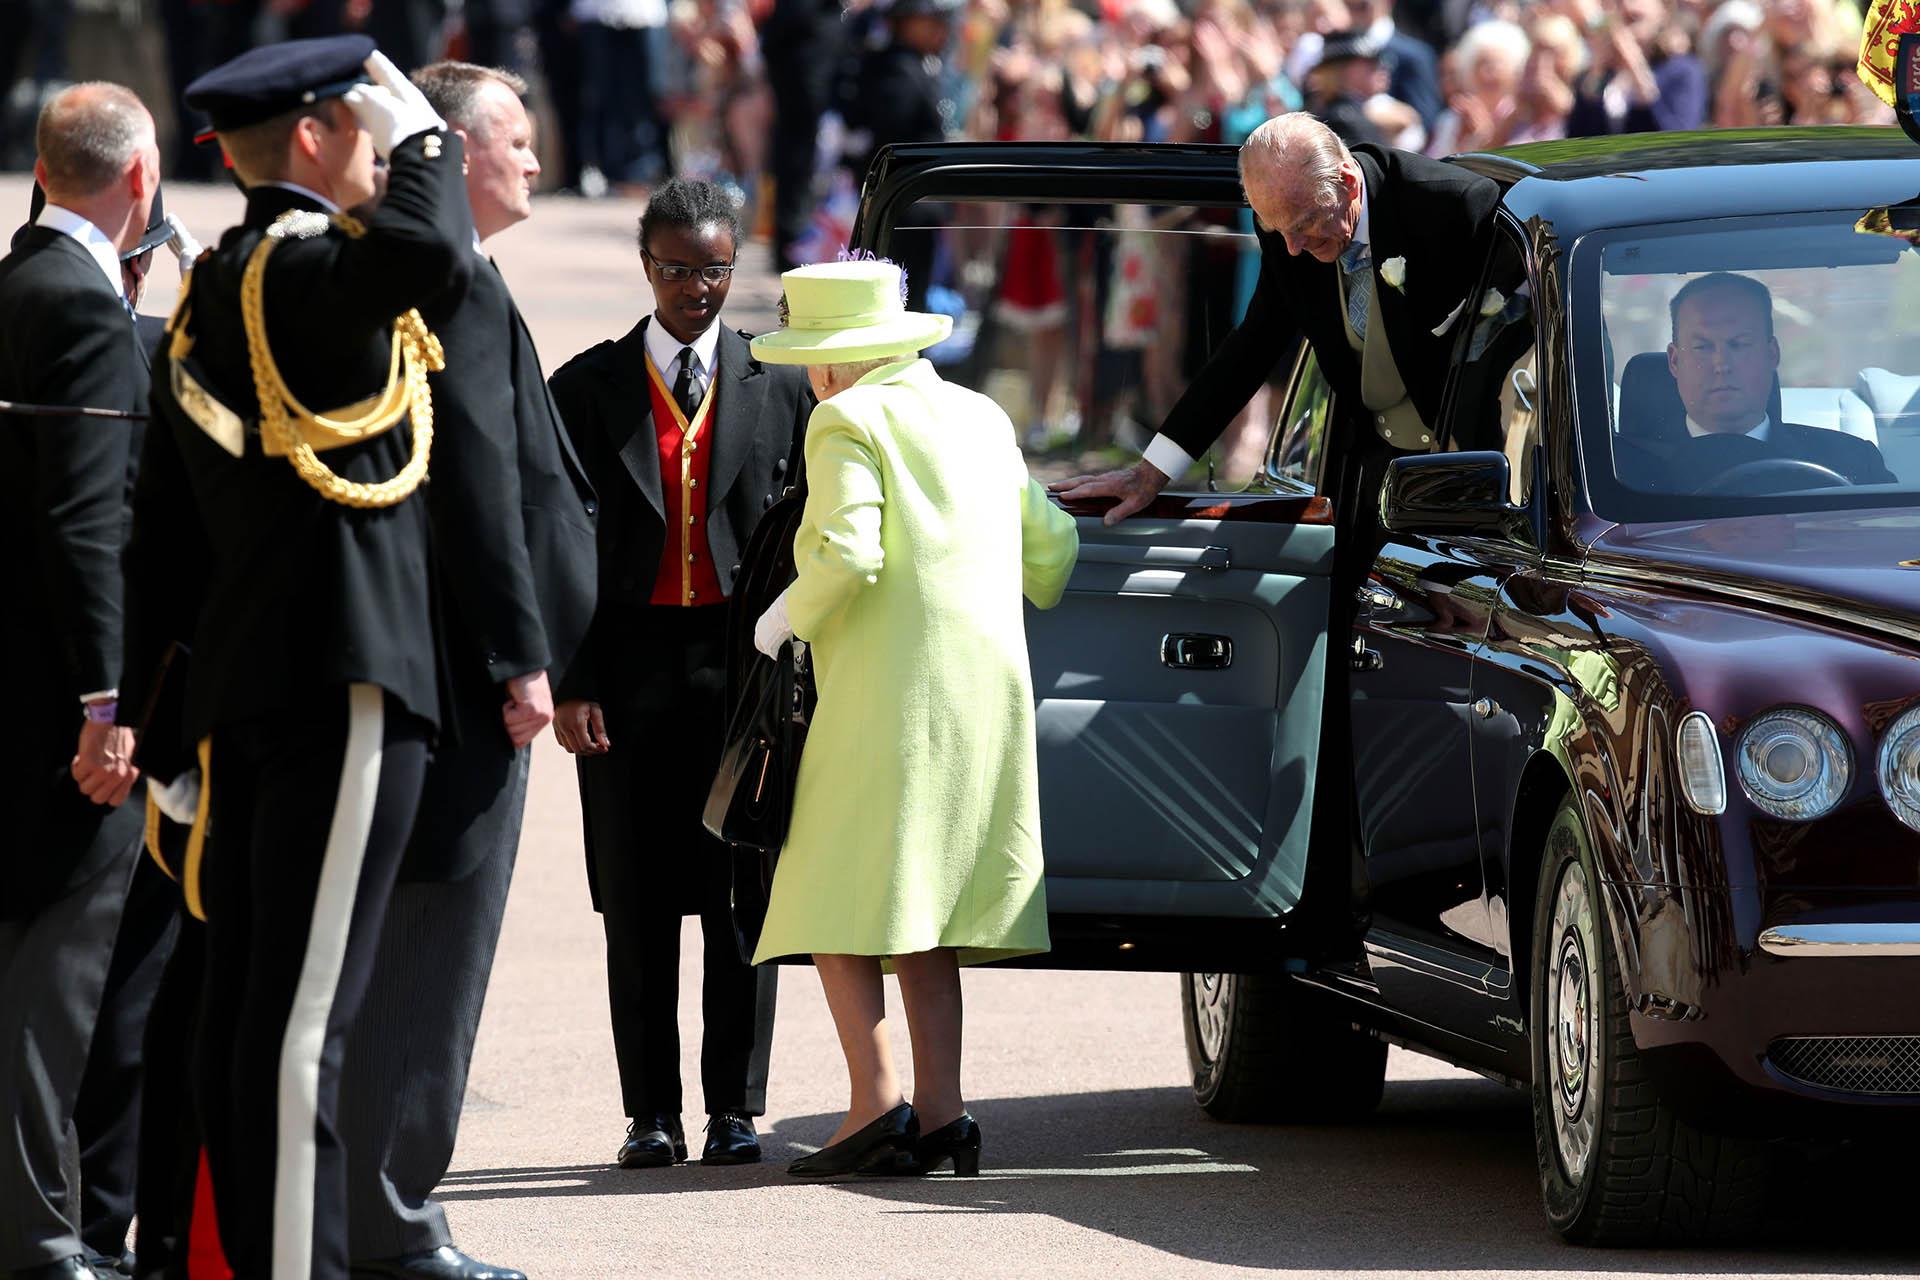 La llegada de la Reina Isabel II a la capilla de St George en Windsor (AFP)